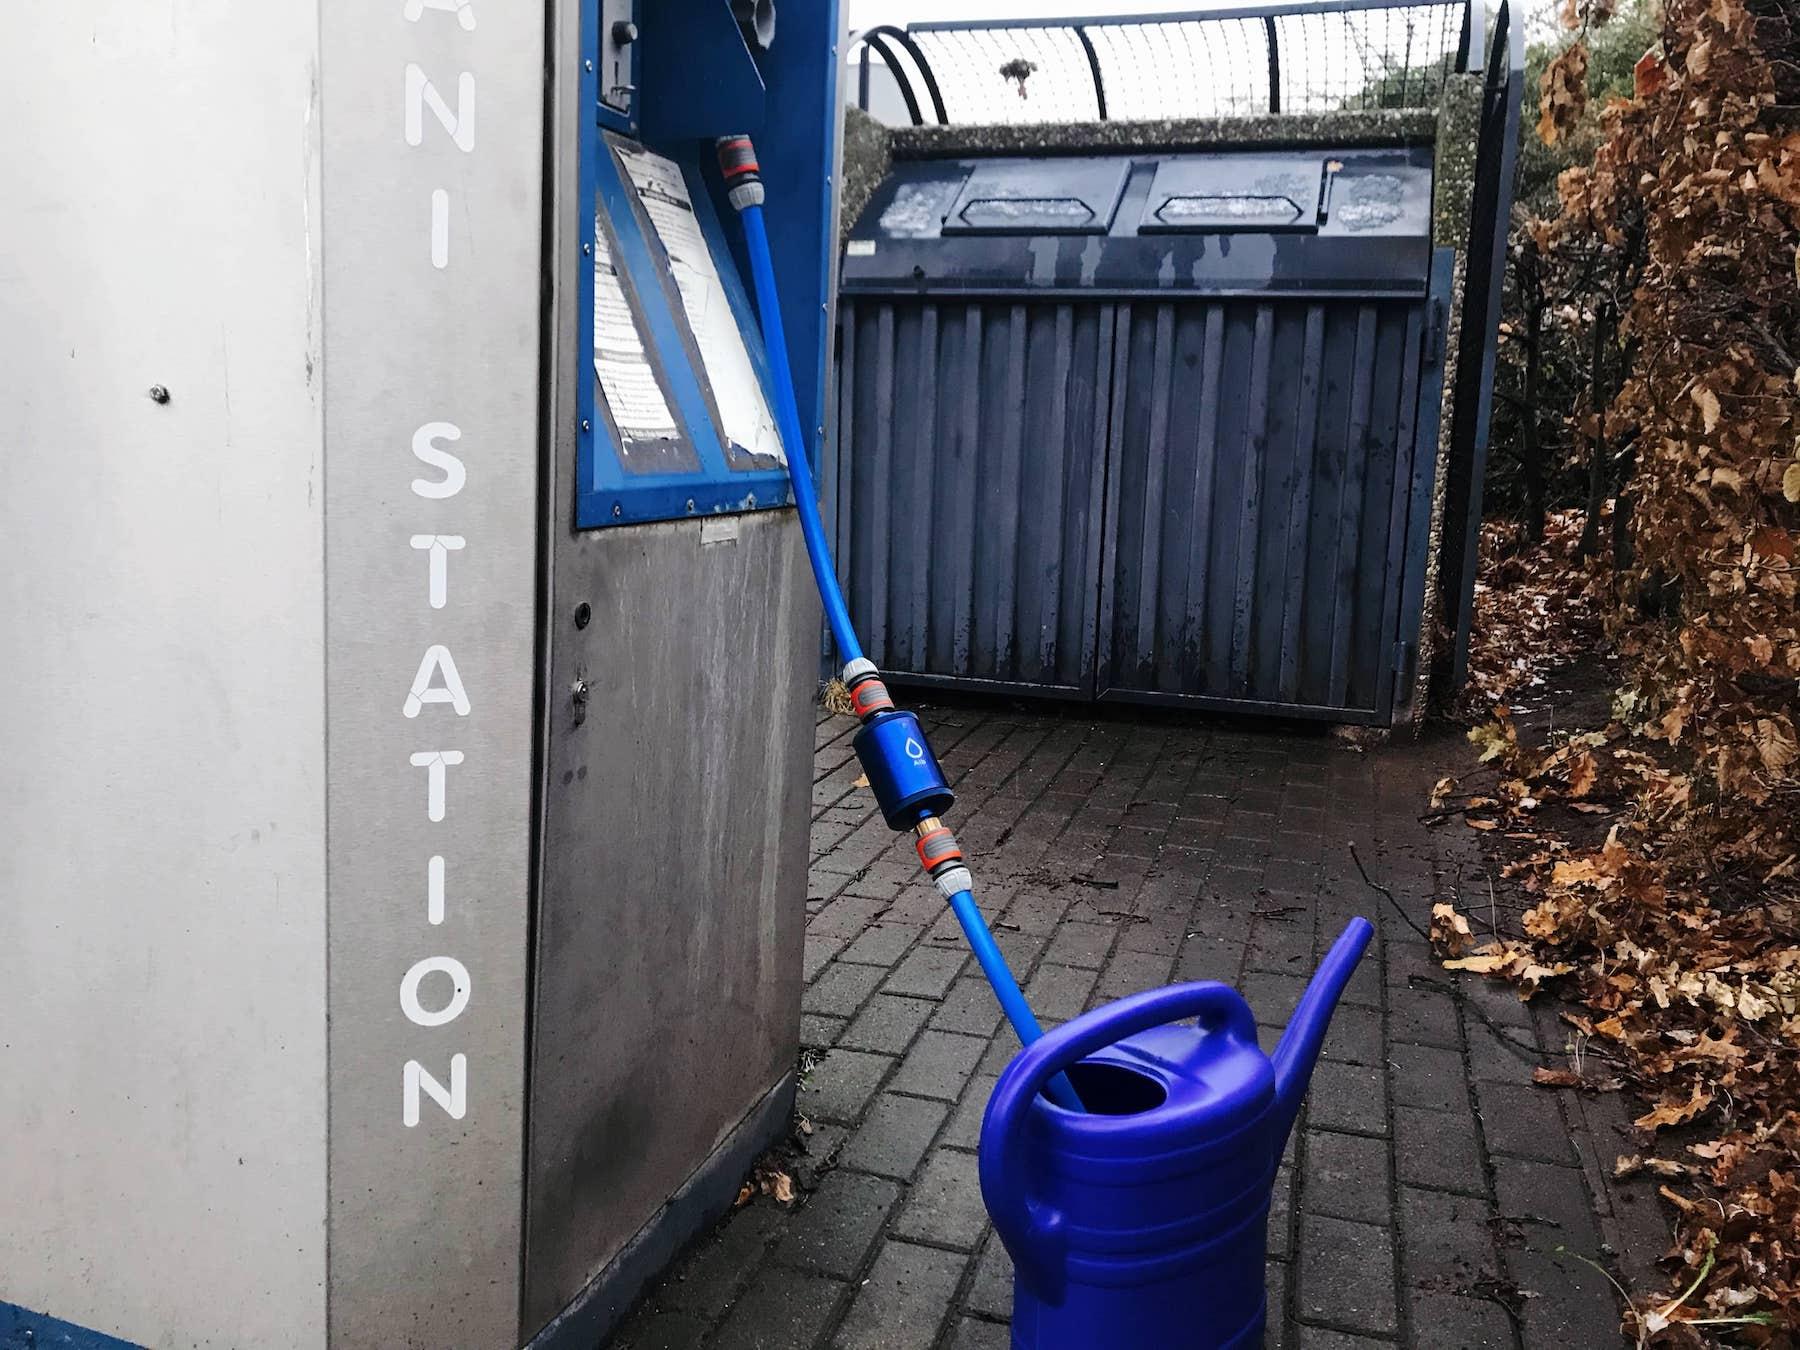 Gefiltertes Wasser für das Wohnmobil